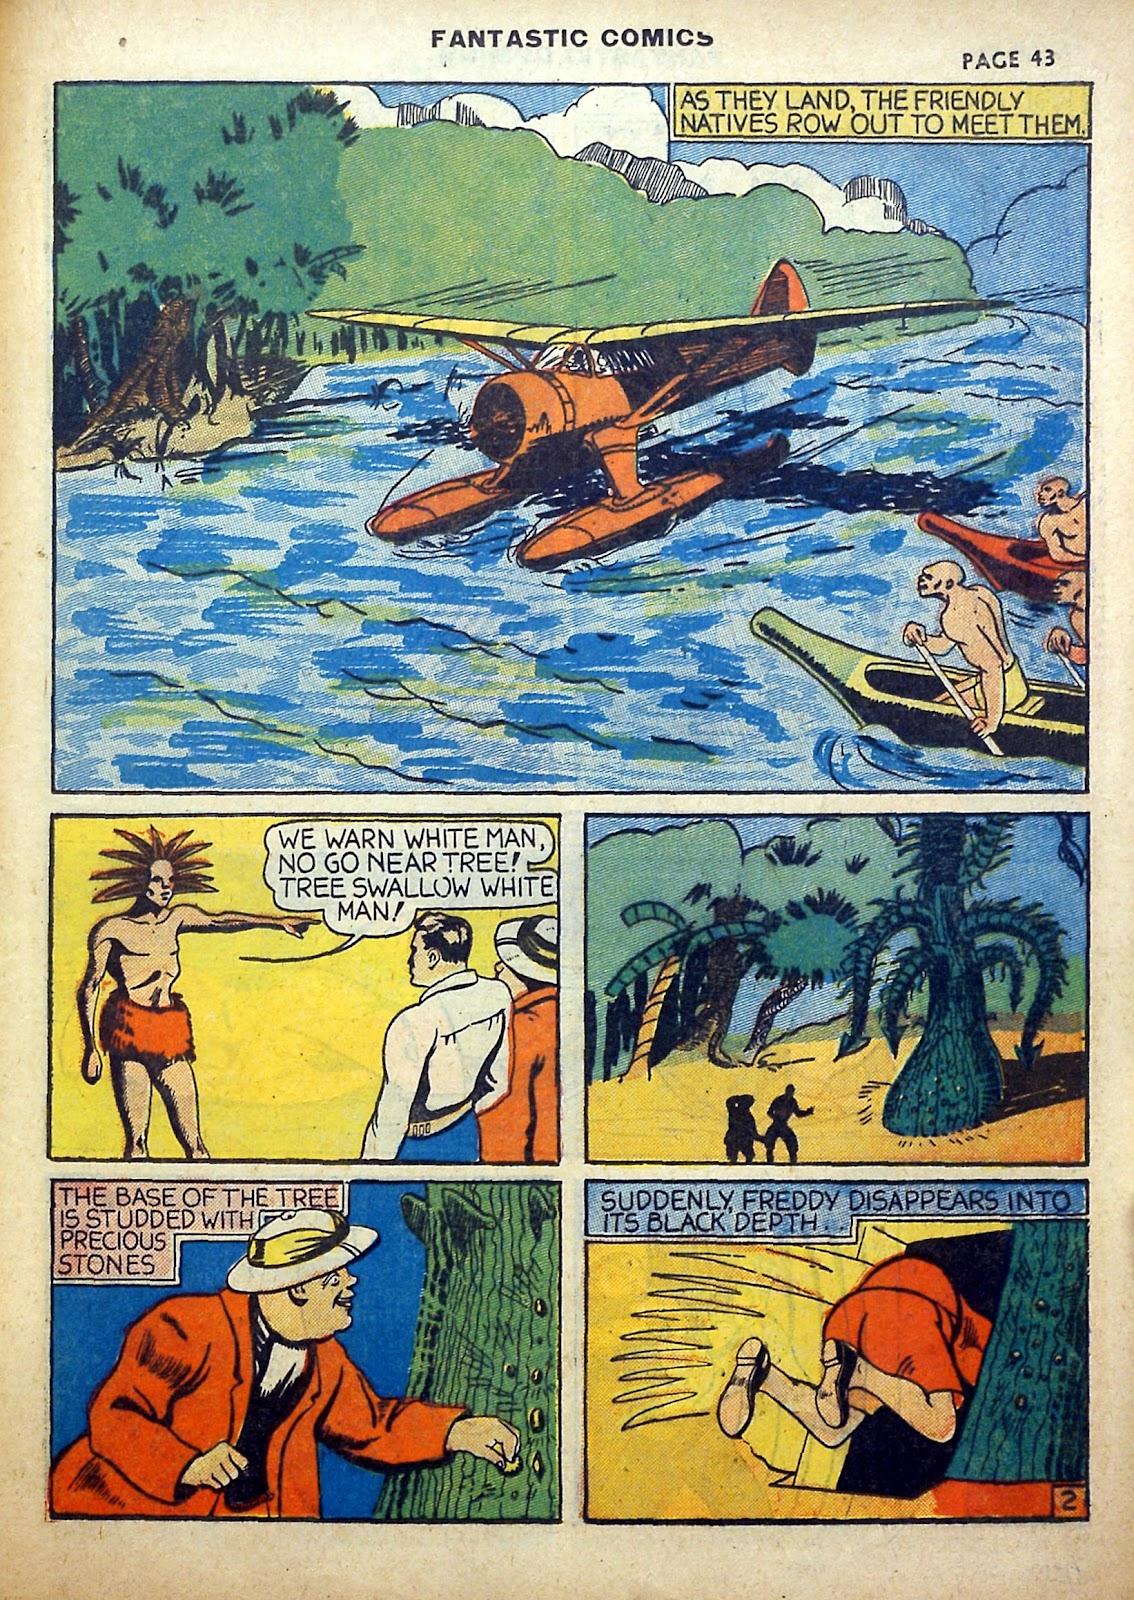 Read online Fantastic Comics comic -  Issue #5 - 44